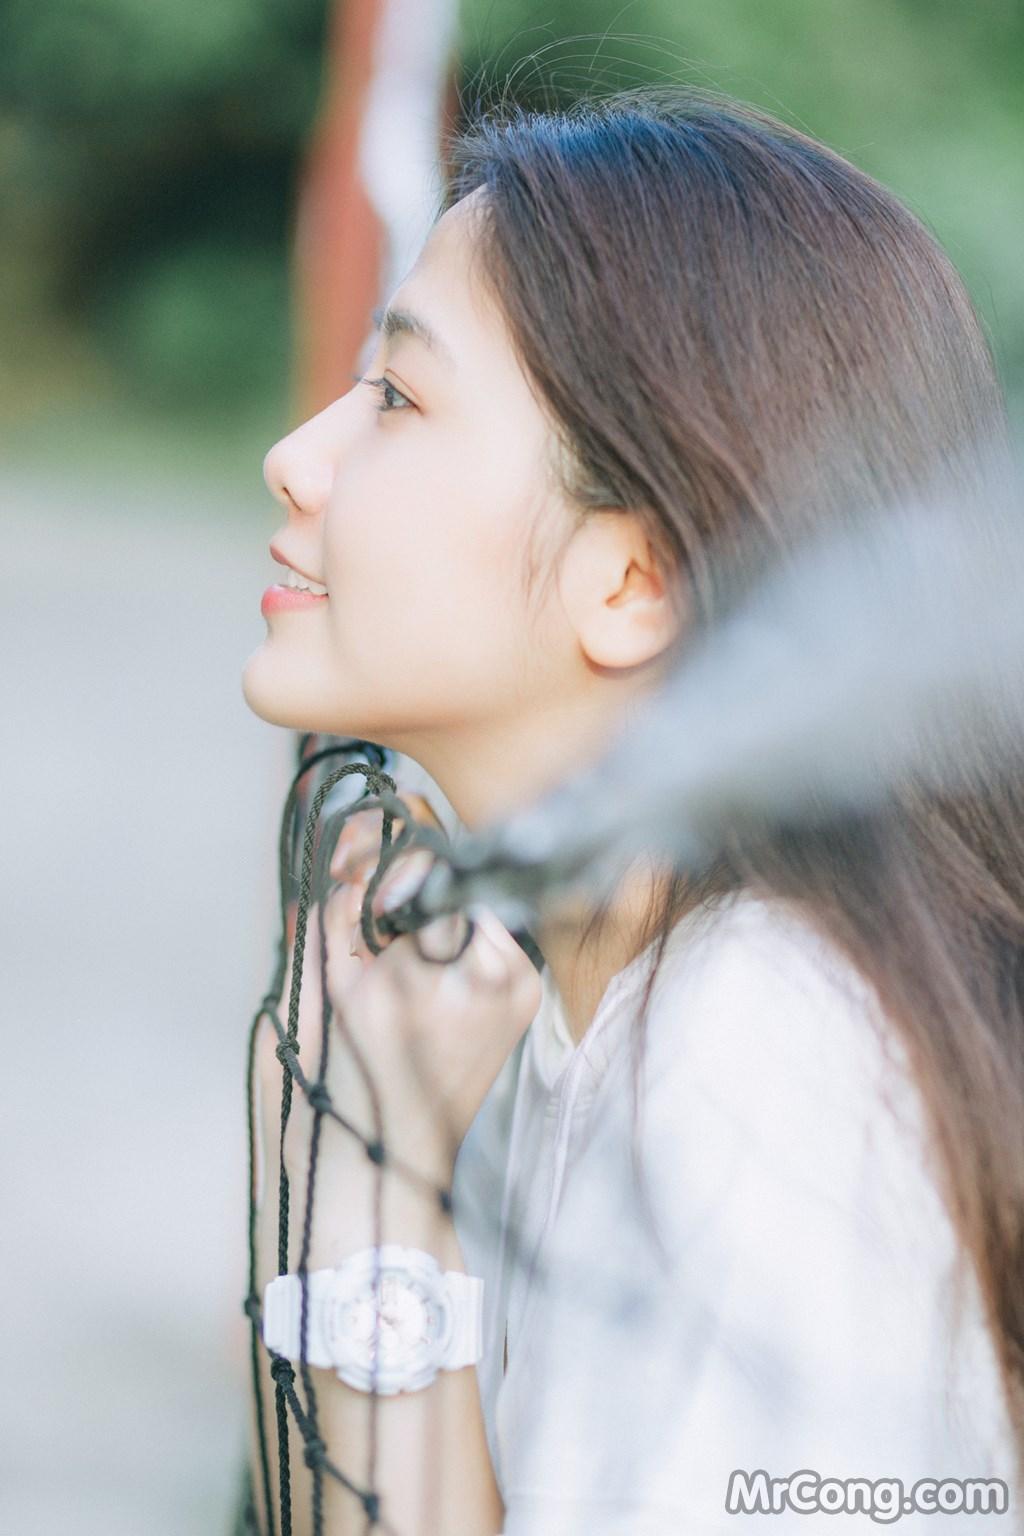 Image 27581560_1474945723885 in post Nữ sinh Trung Quốc xinh rạng ngời trên sân bóng (13 ảnh)